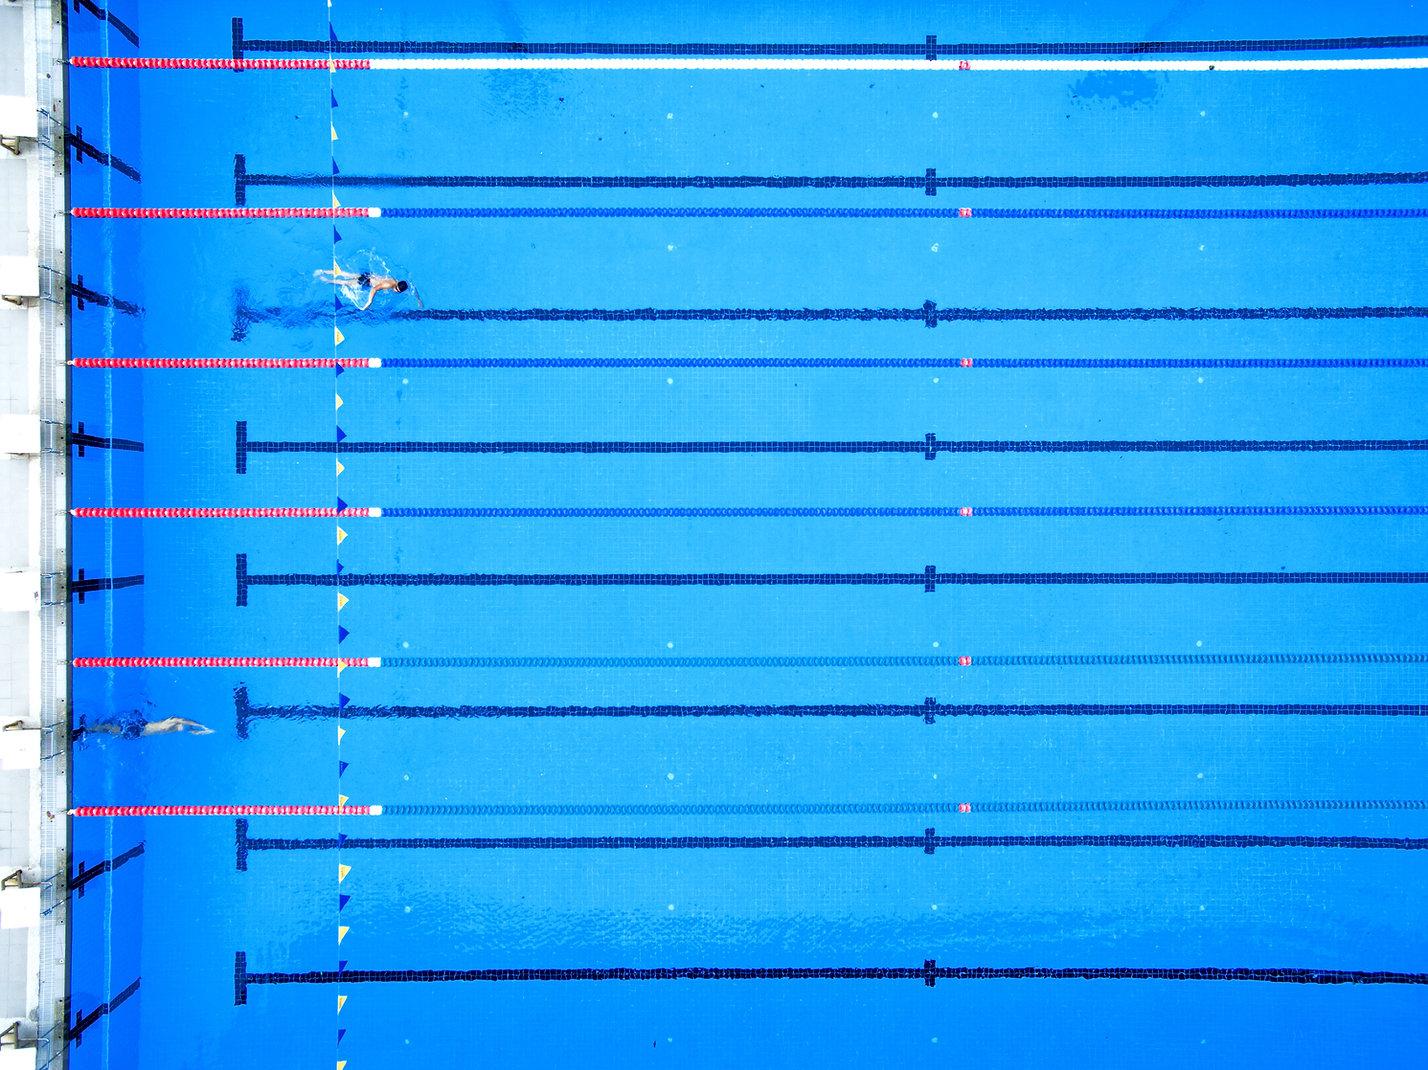 Vista aérea de una piscina